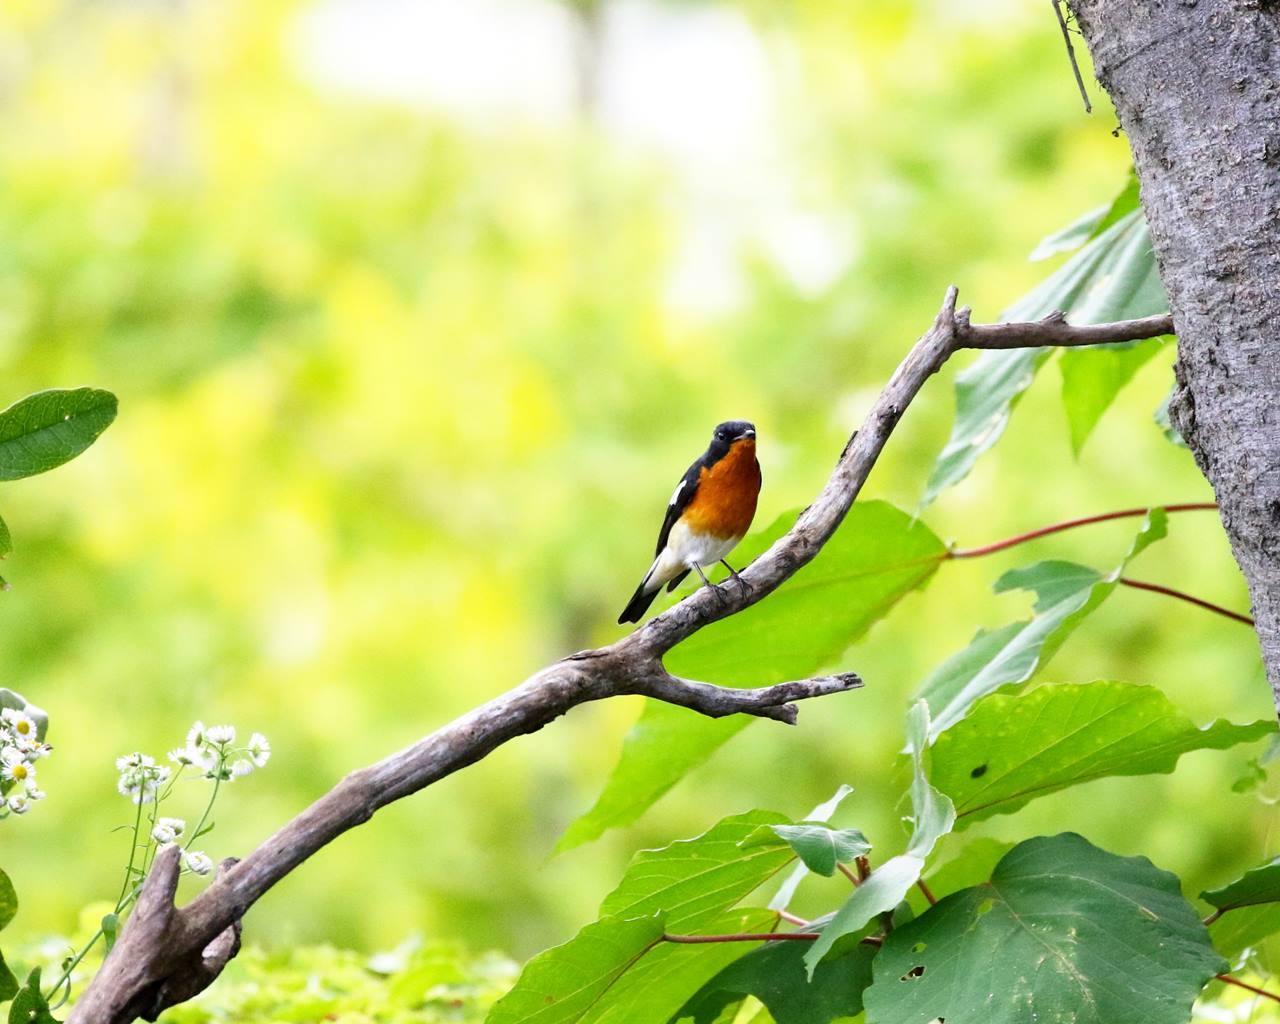 やっとムギマキ♂成鳥に出会う(その2)_c0213607_11381817.jpg